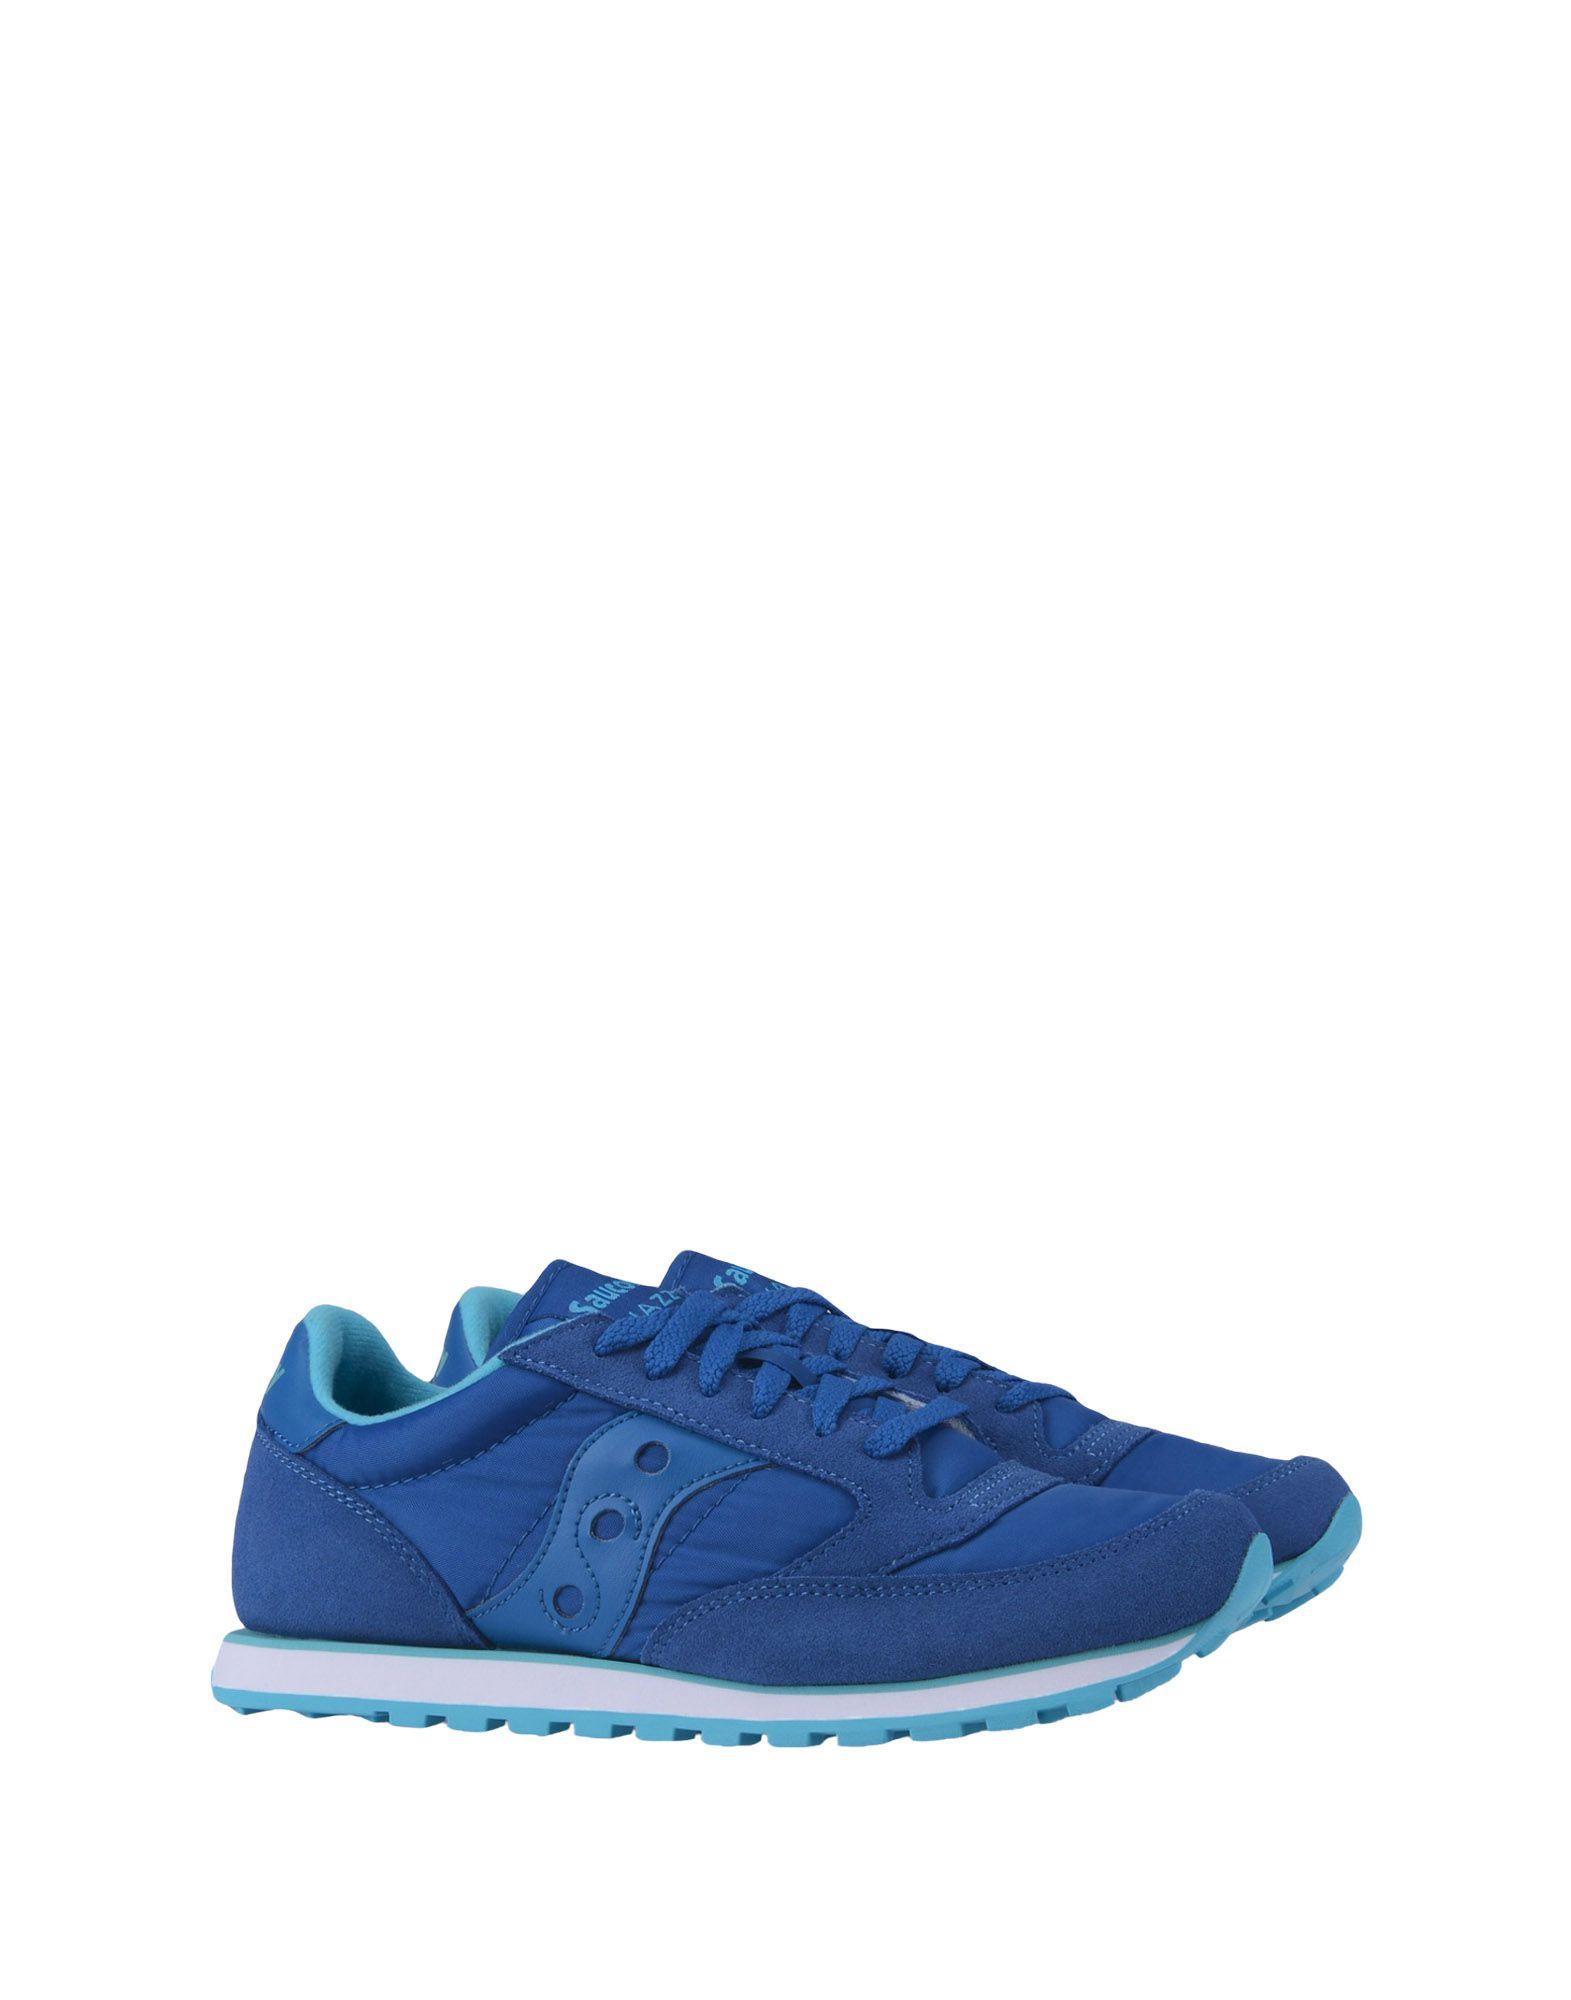 ... Sneakers Saucony Jazz Low Pro W - Femme - Sneakers Saucony sur